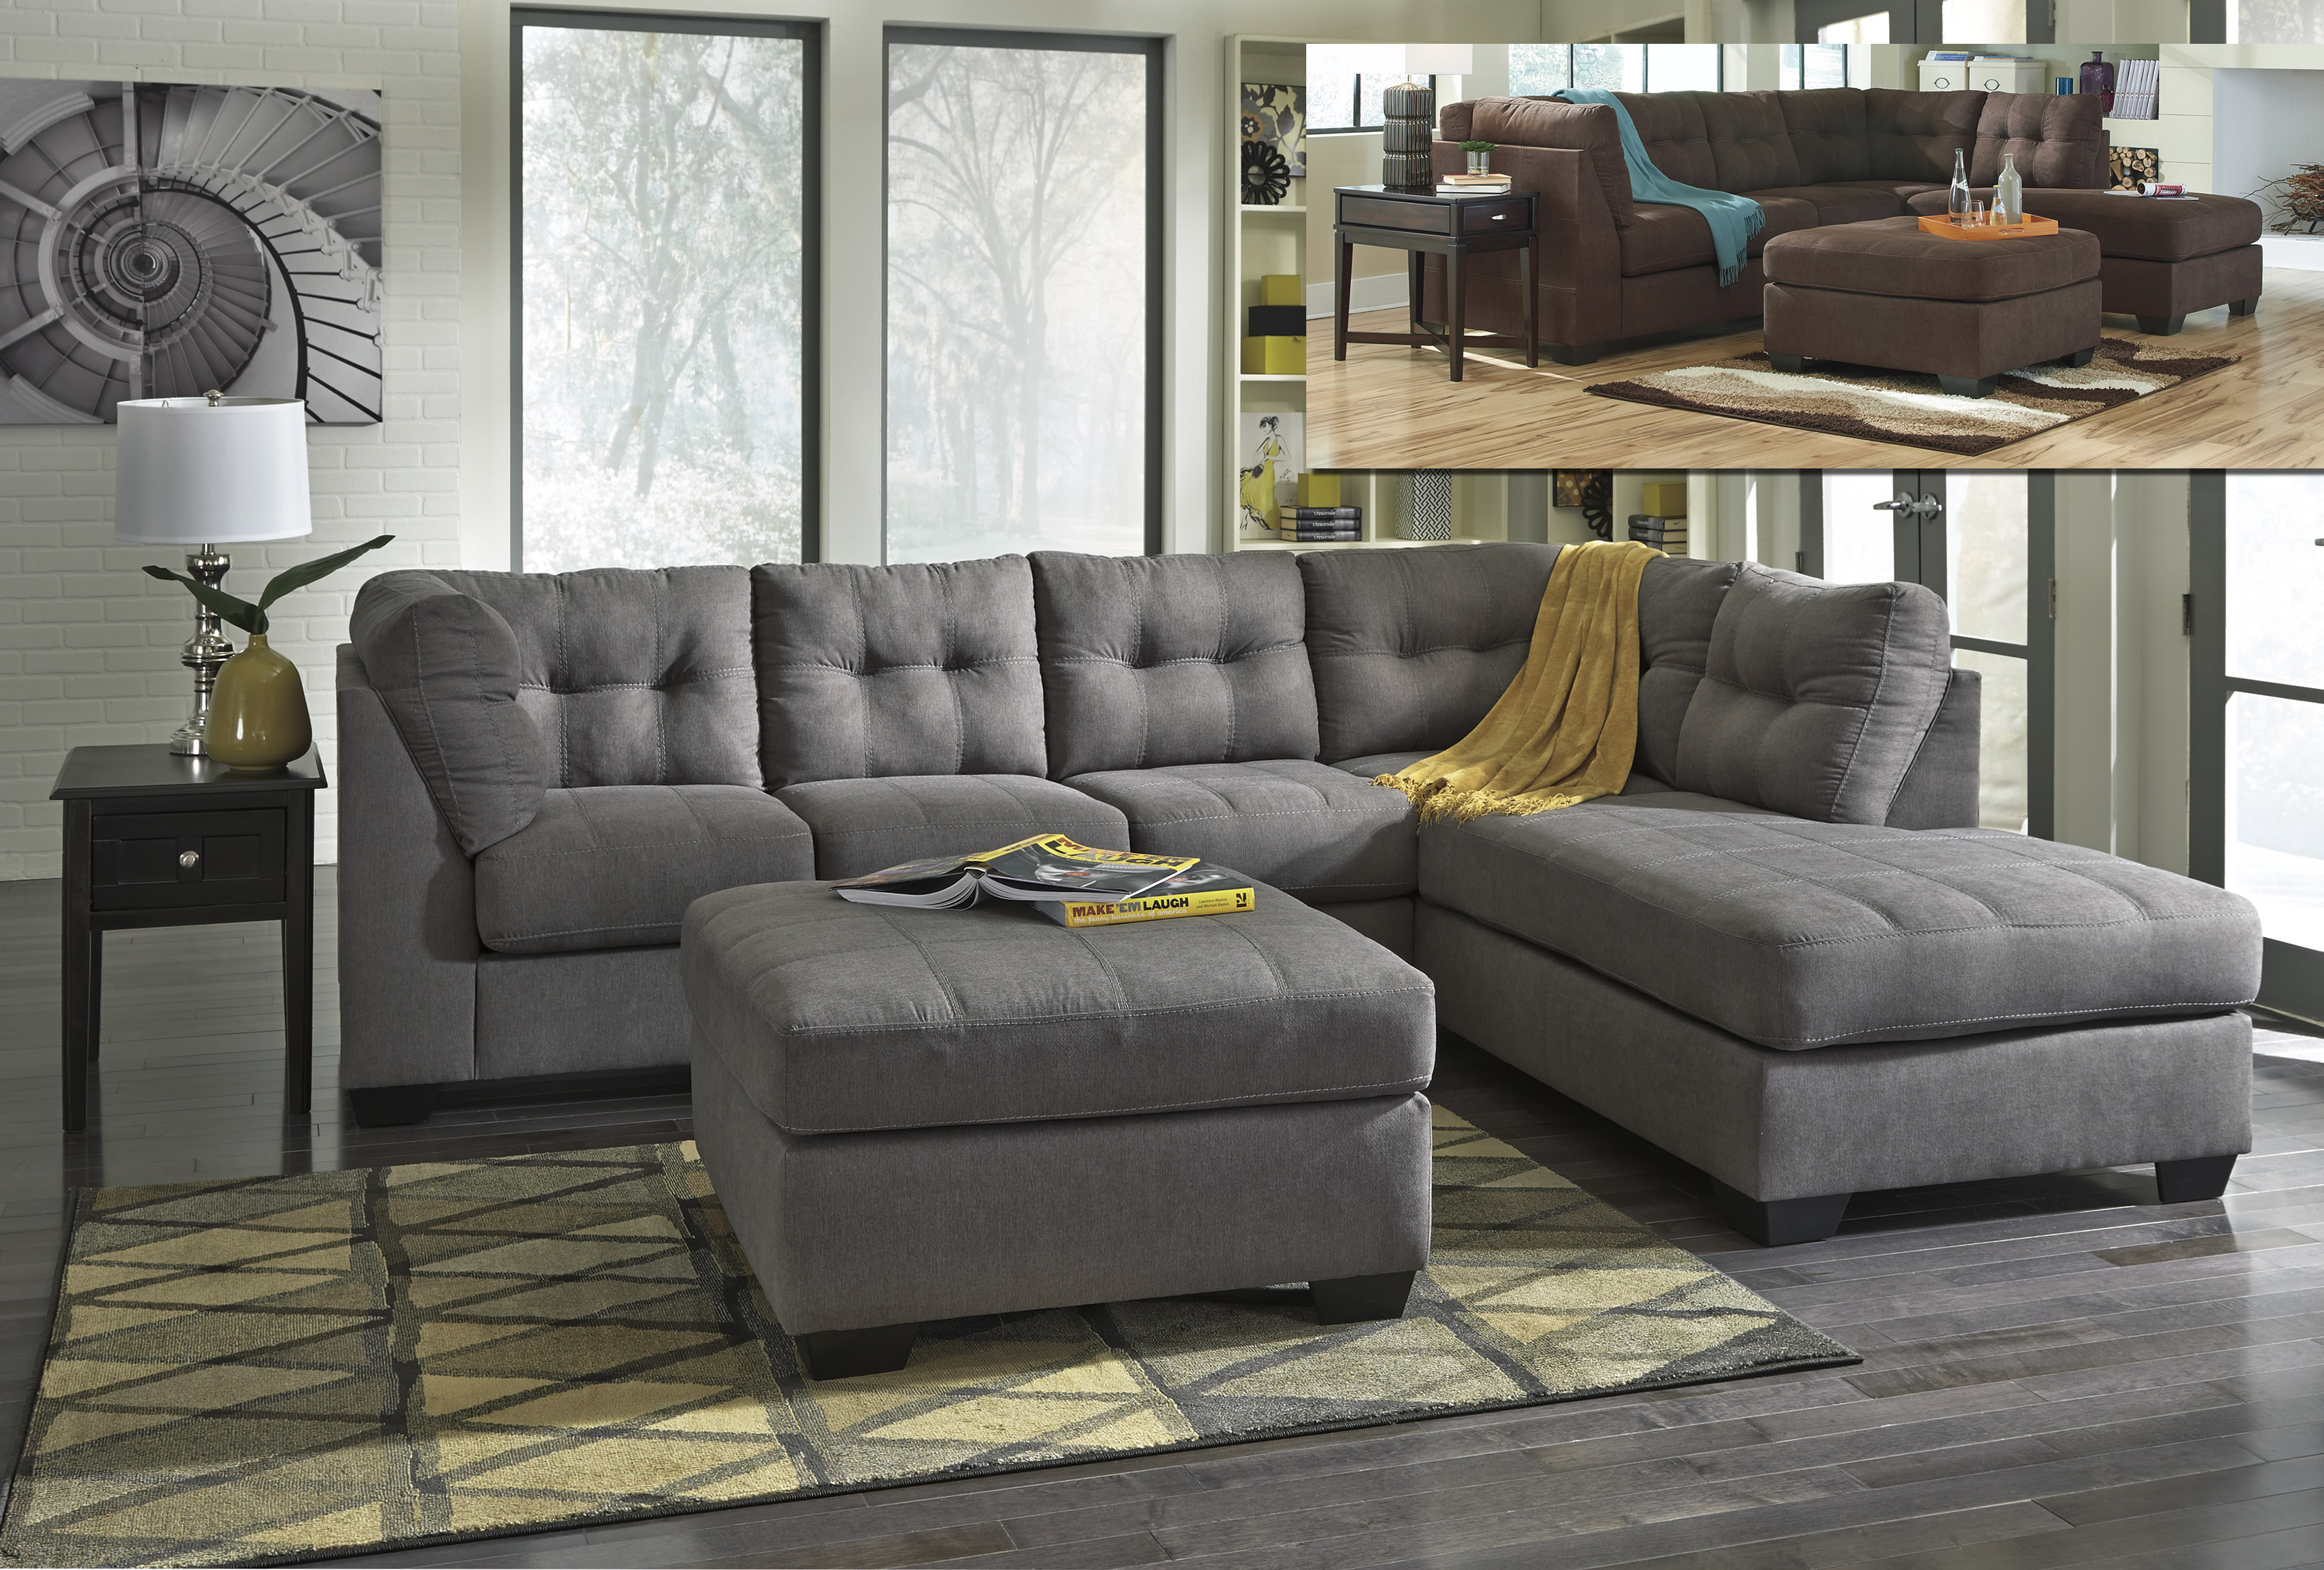 Black friday specials all american mattress furniture for All american furniture and mattress aberdeen nc